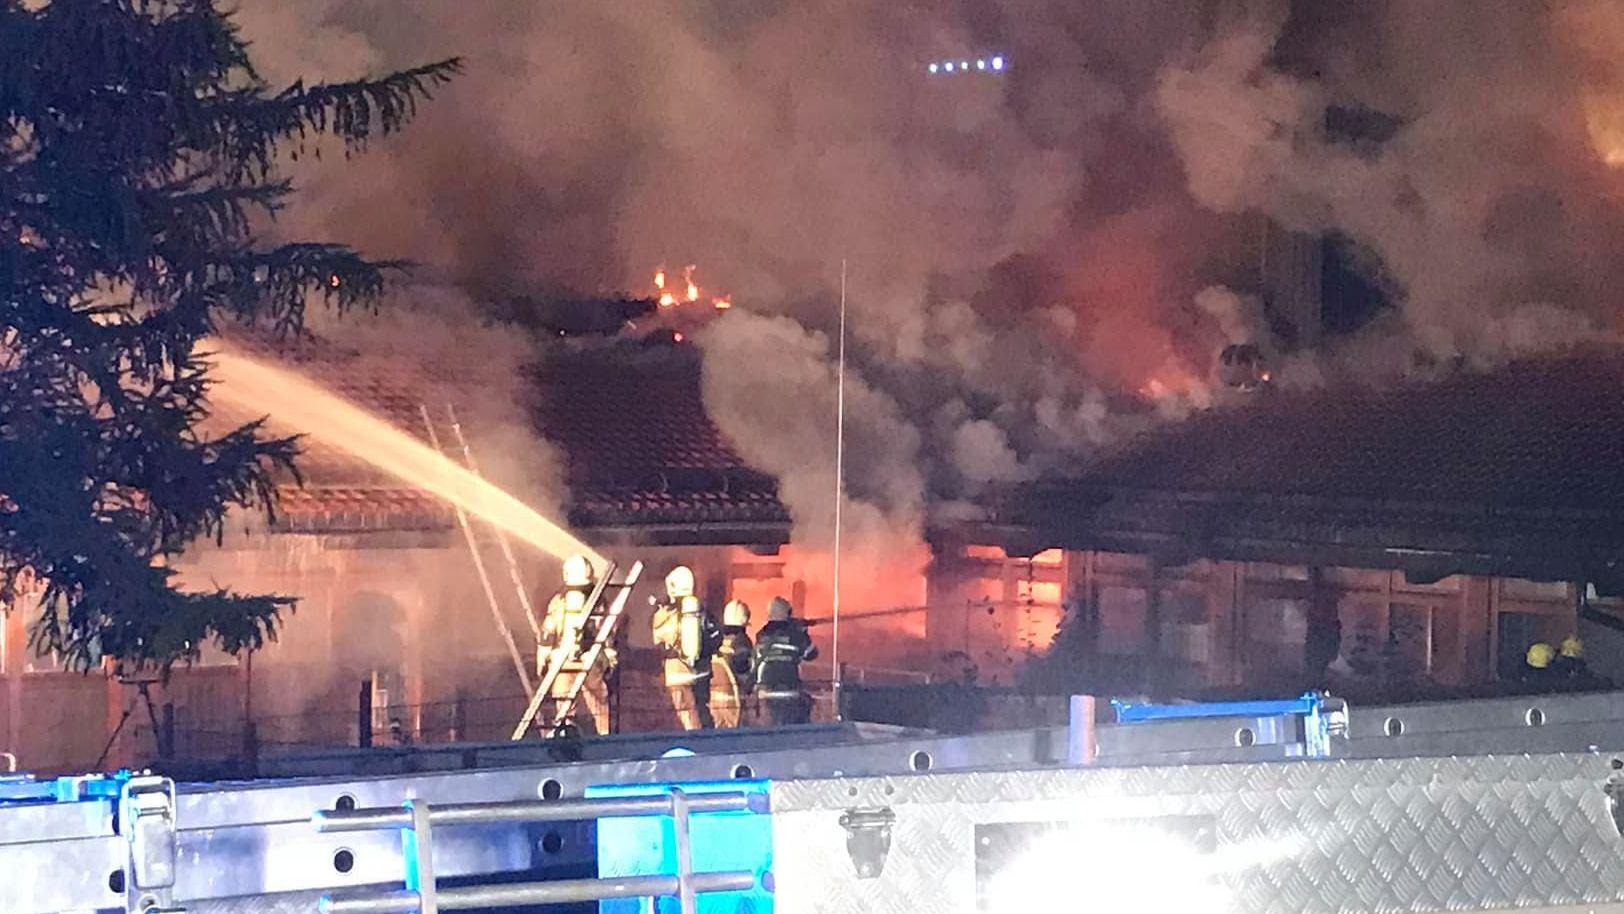 Großbrand in Berchtesgaden: Schule brennt nieder